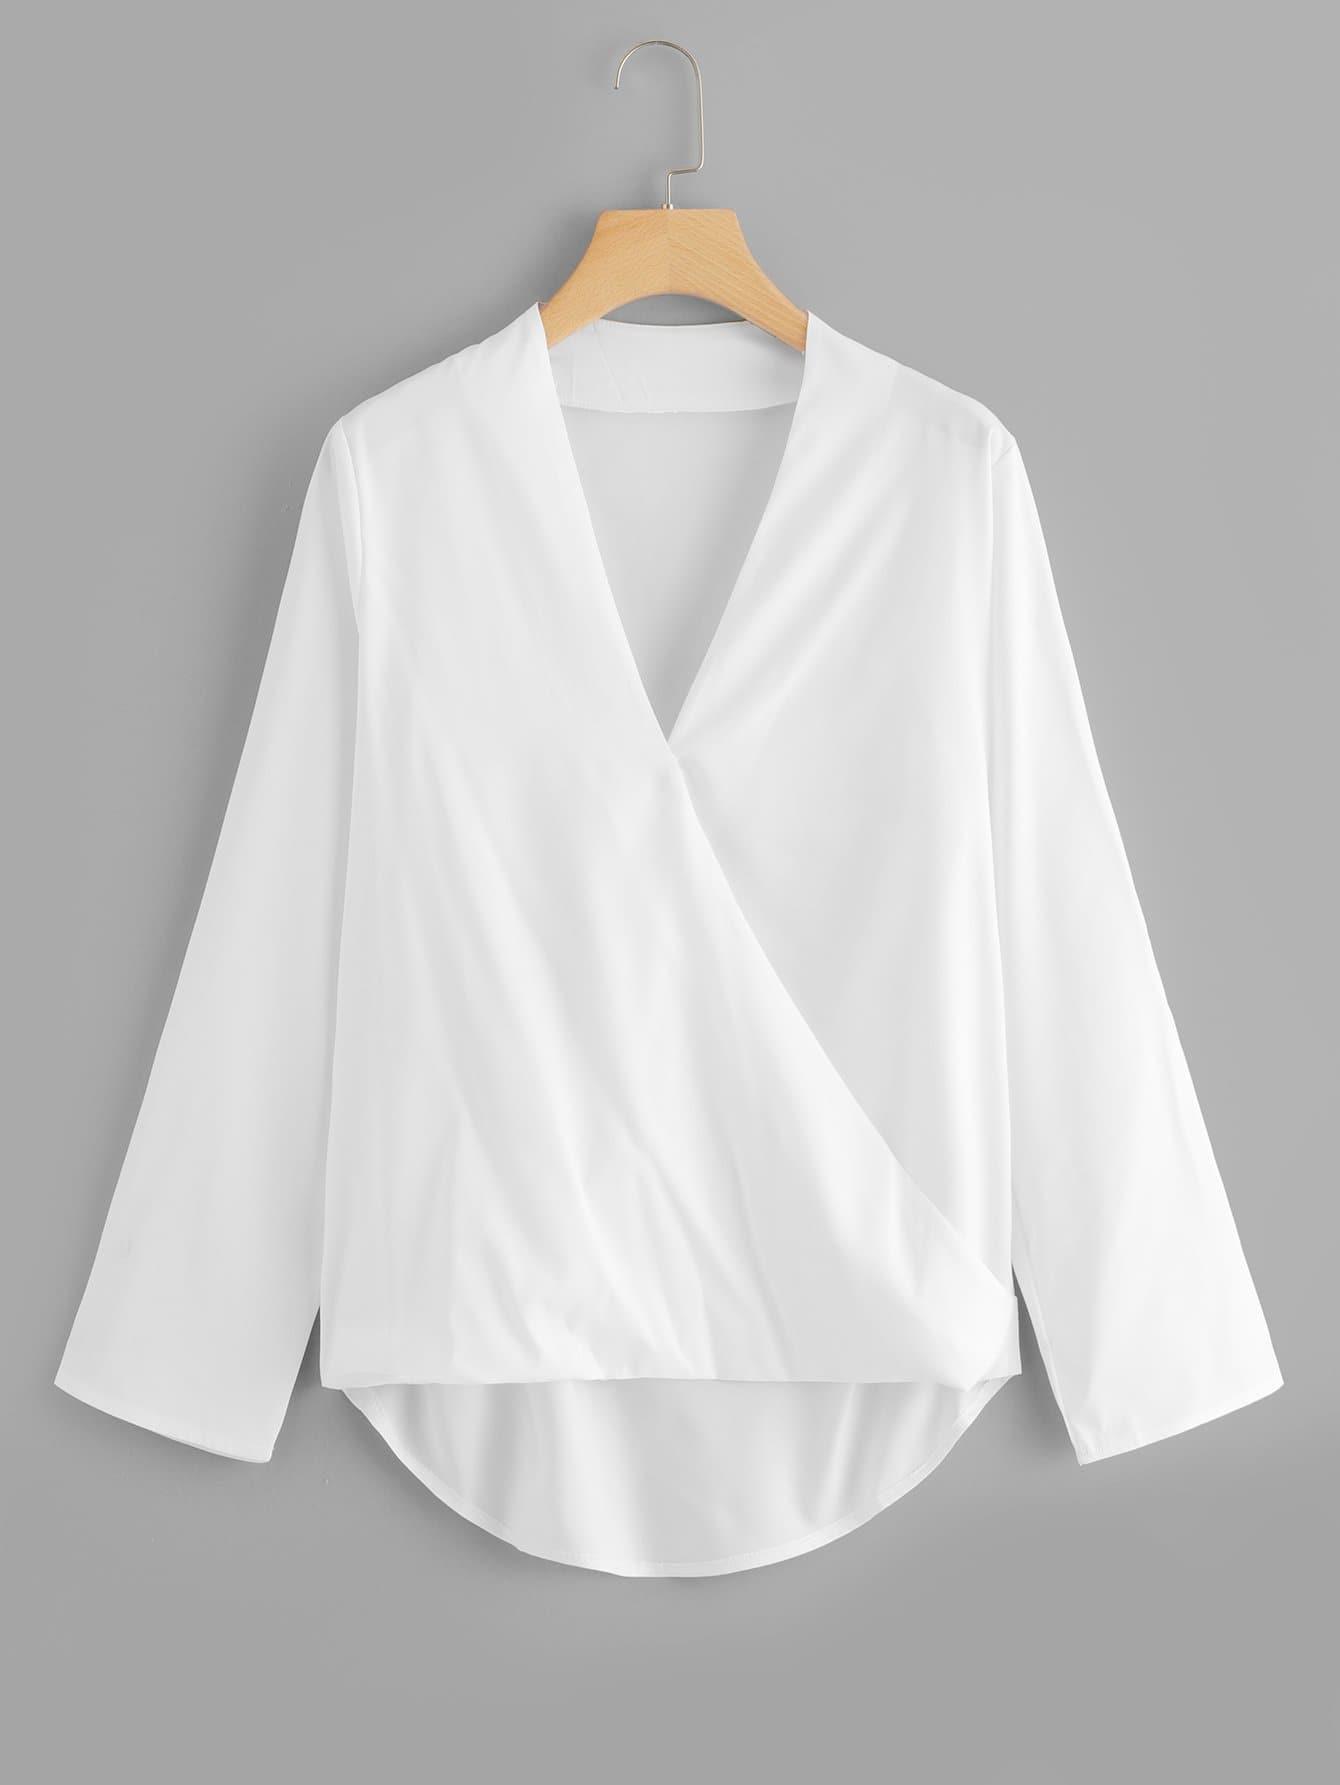 Купить Одноцветная блузка с асимметричным низом, null, SheIn